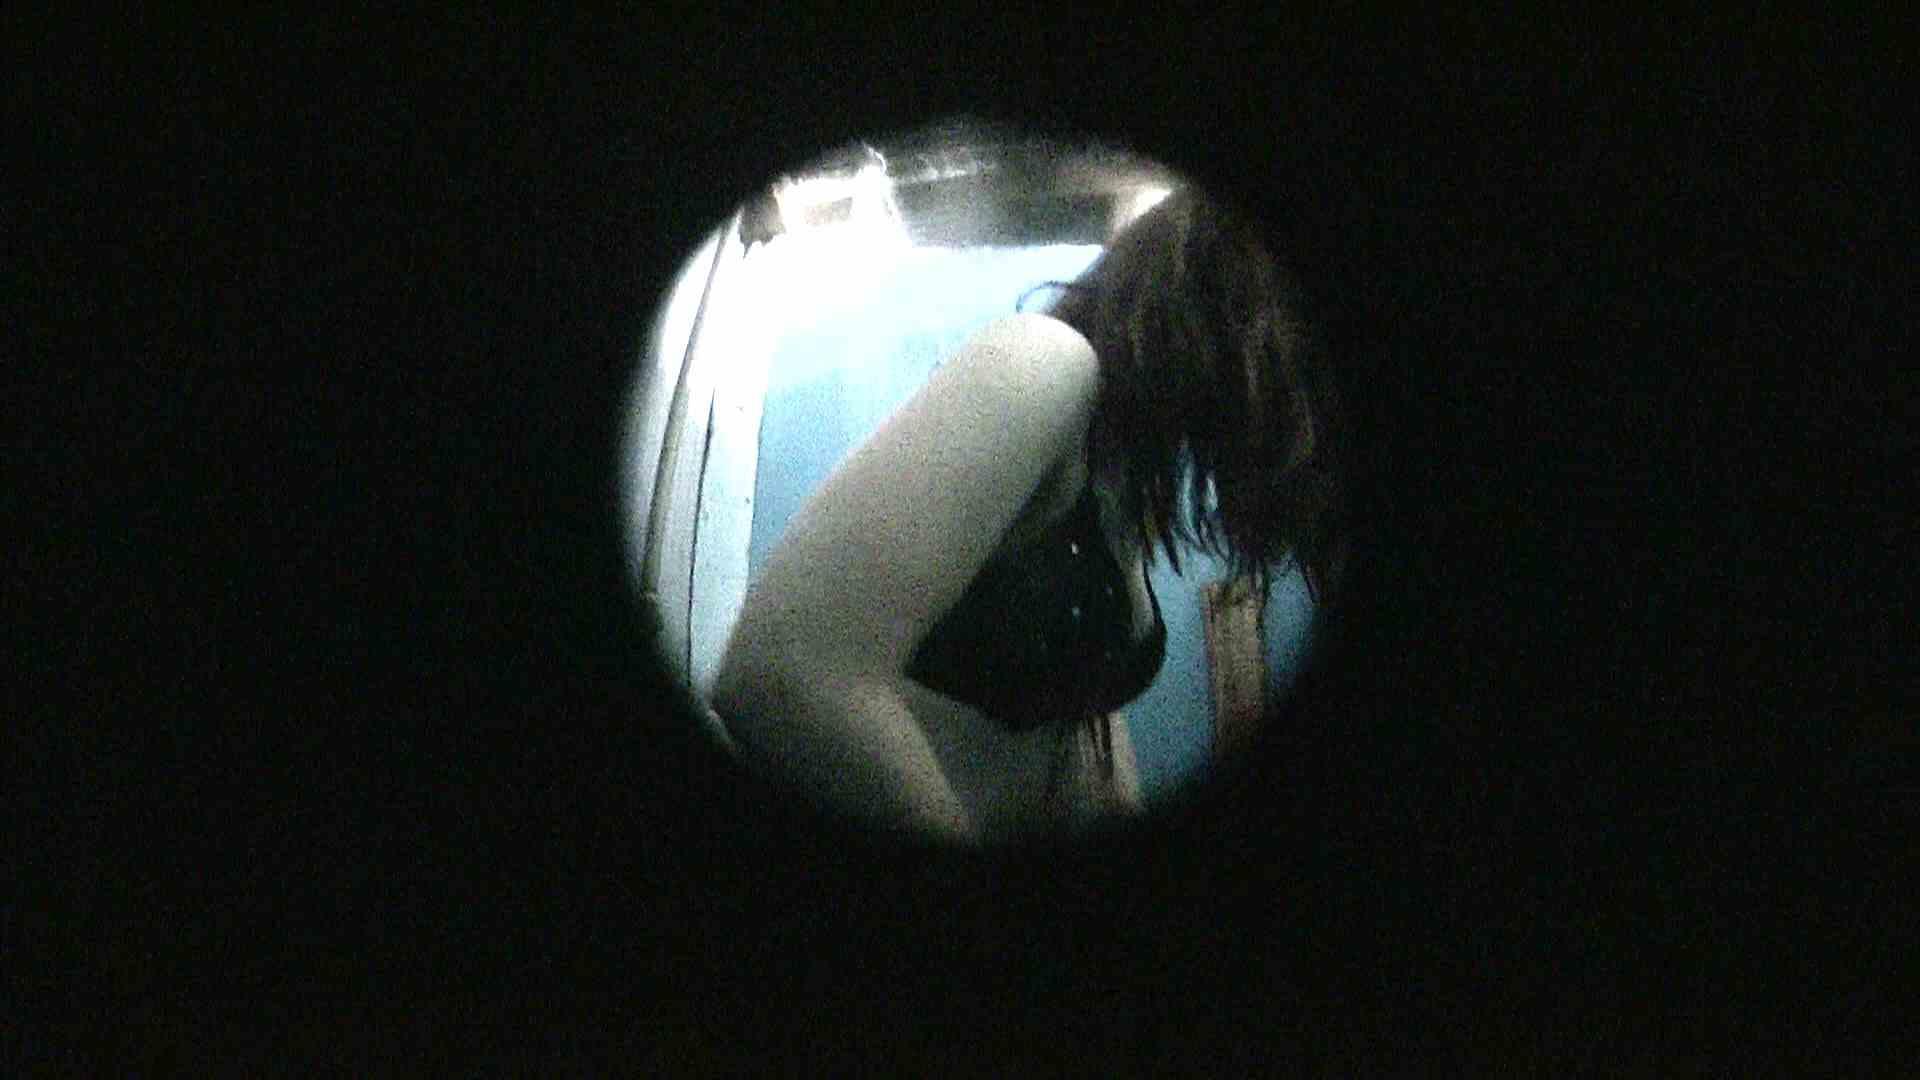 NO.13 暗いですが豪快な砂落としが好印象 シャワー室 ワレメ動画紹介 89画像 59